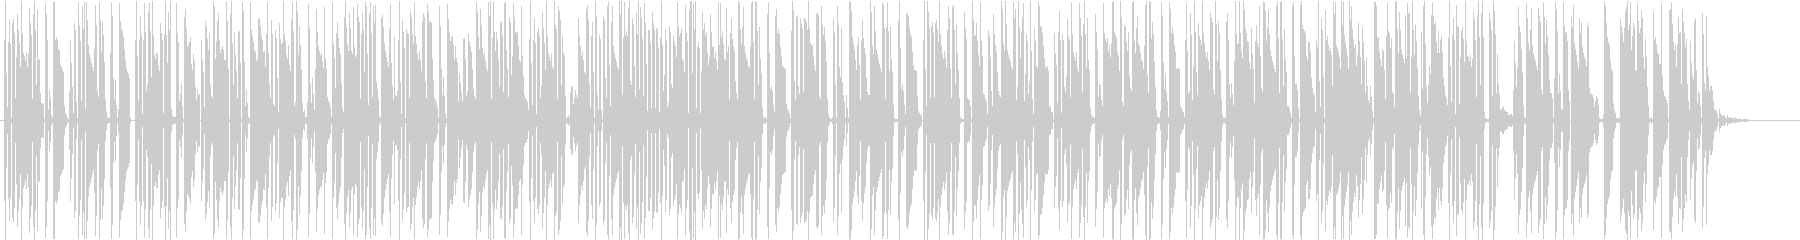 幻想的なローファイ・チルの未再生の波形